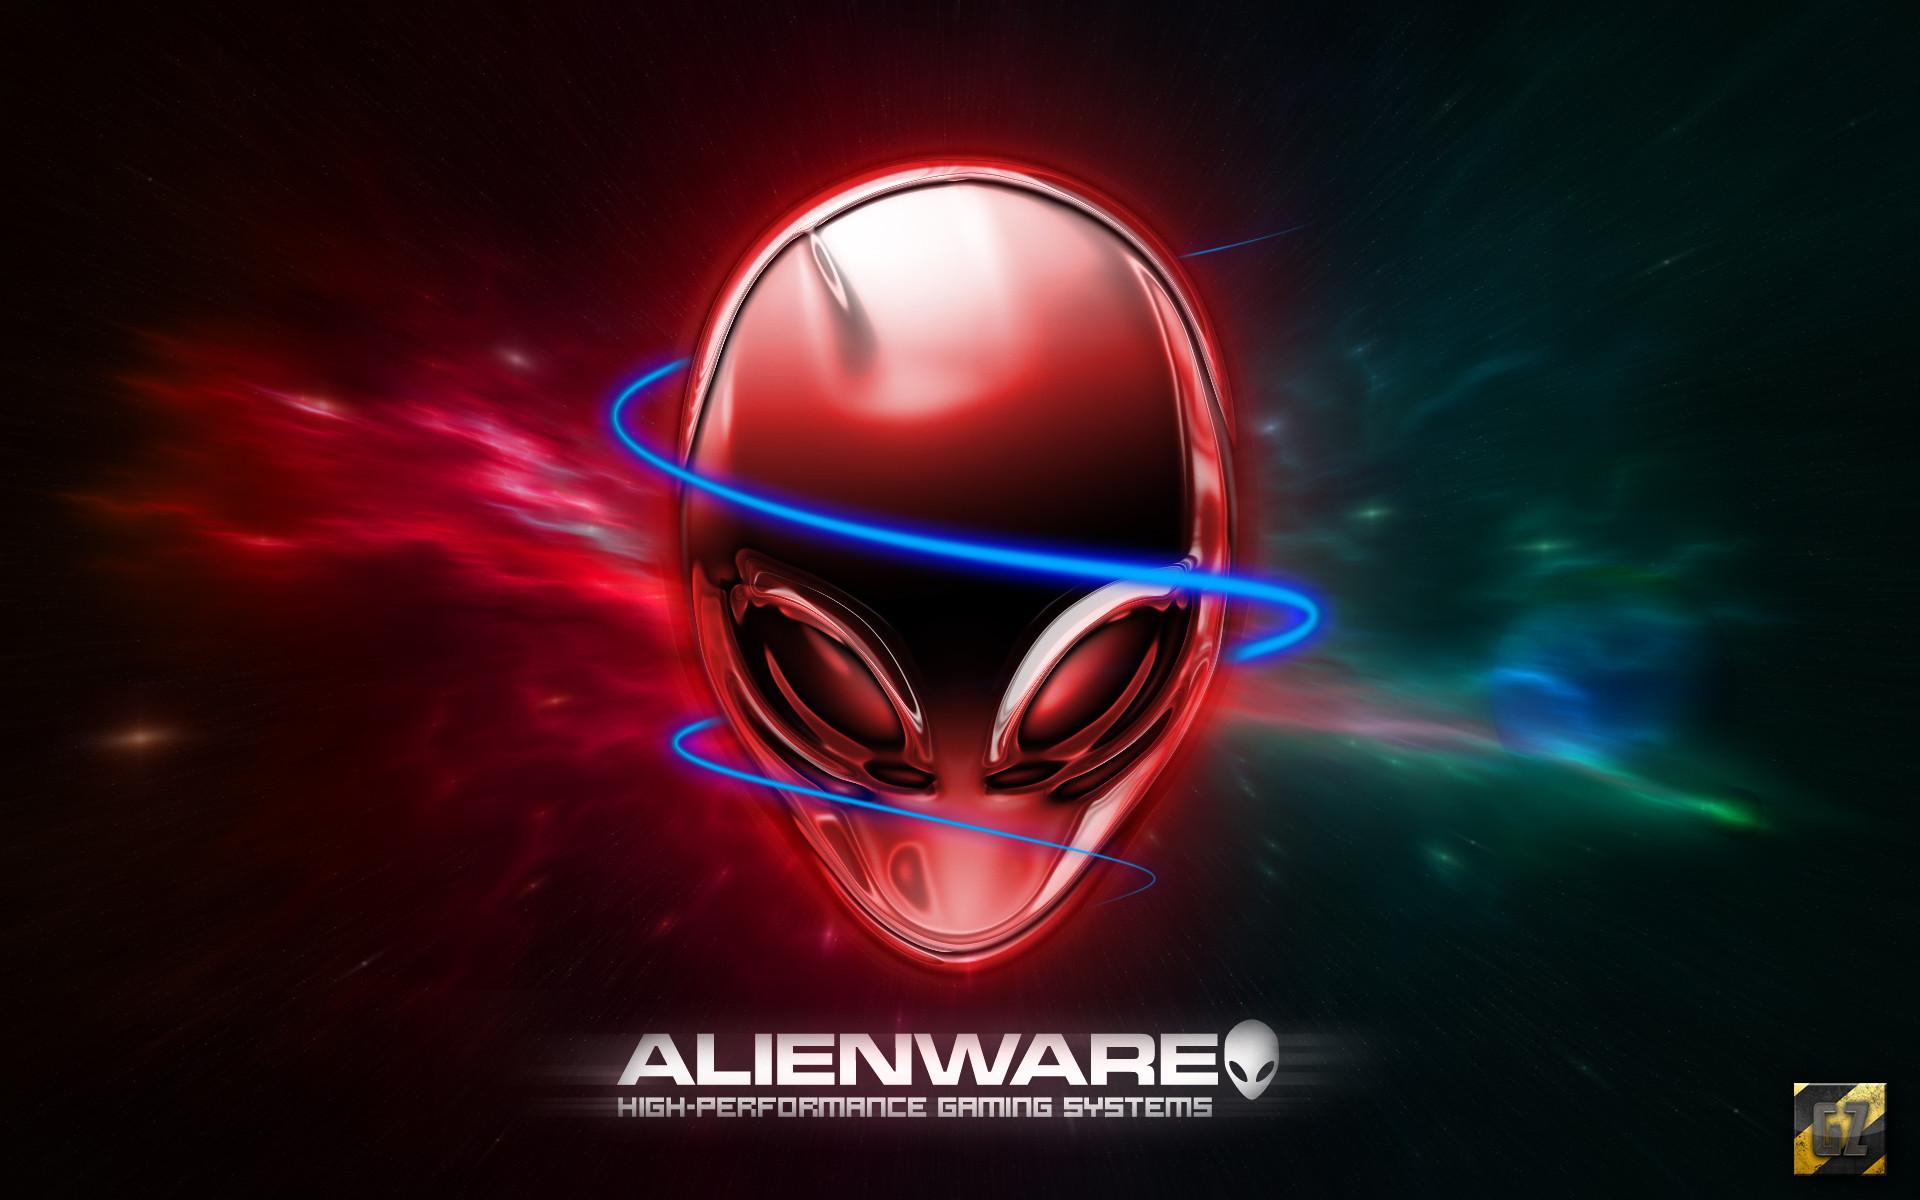 Alienware wallpaper 1920x1080 hd 80 images 2054x1156 voltagebd Gallery